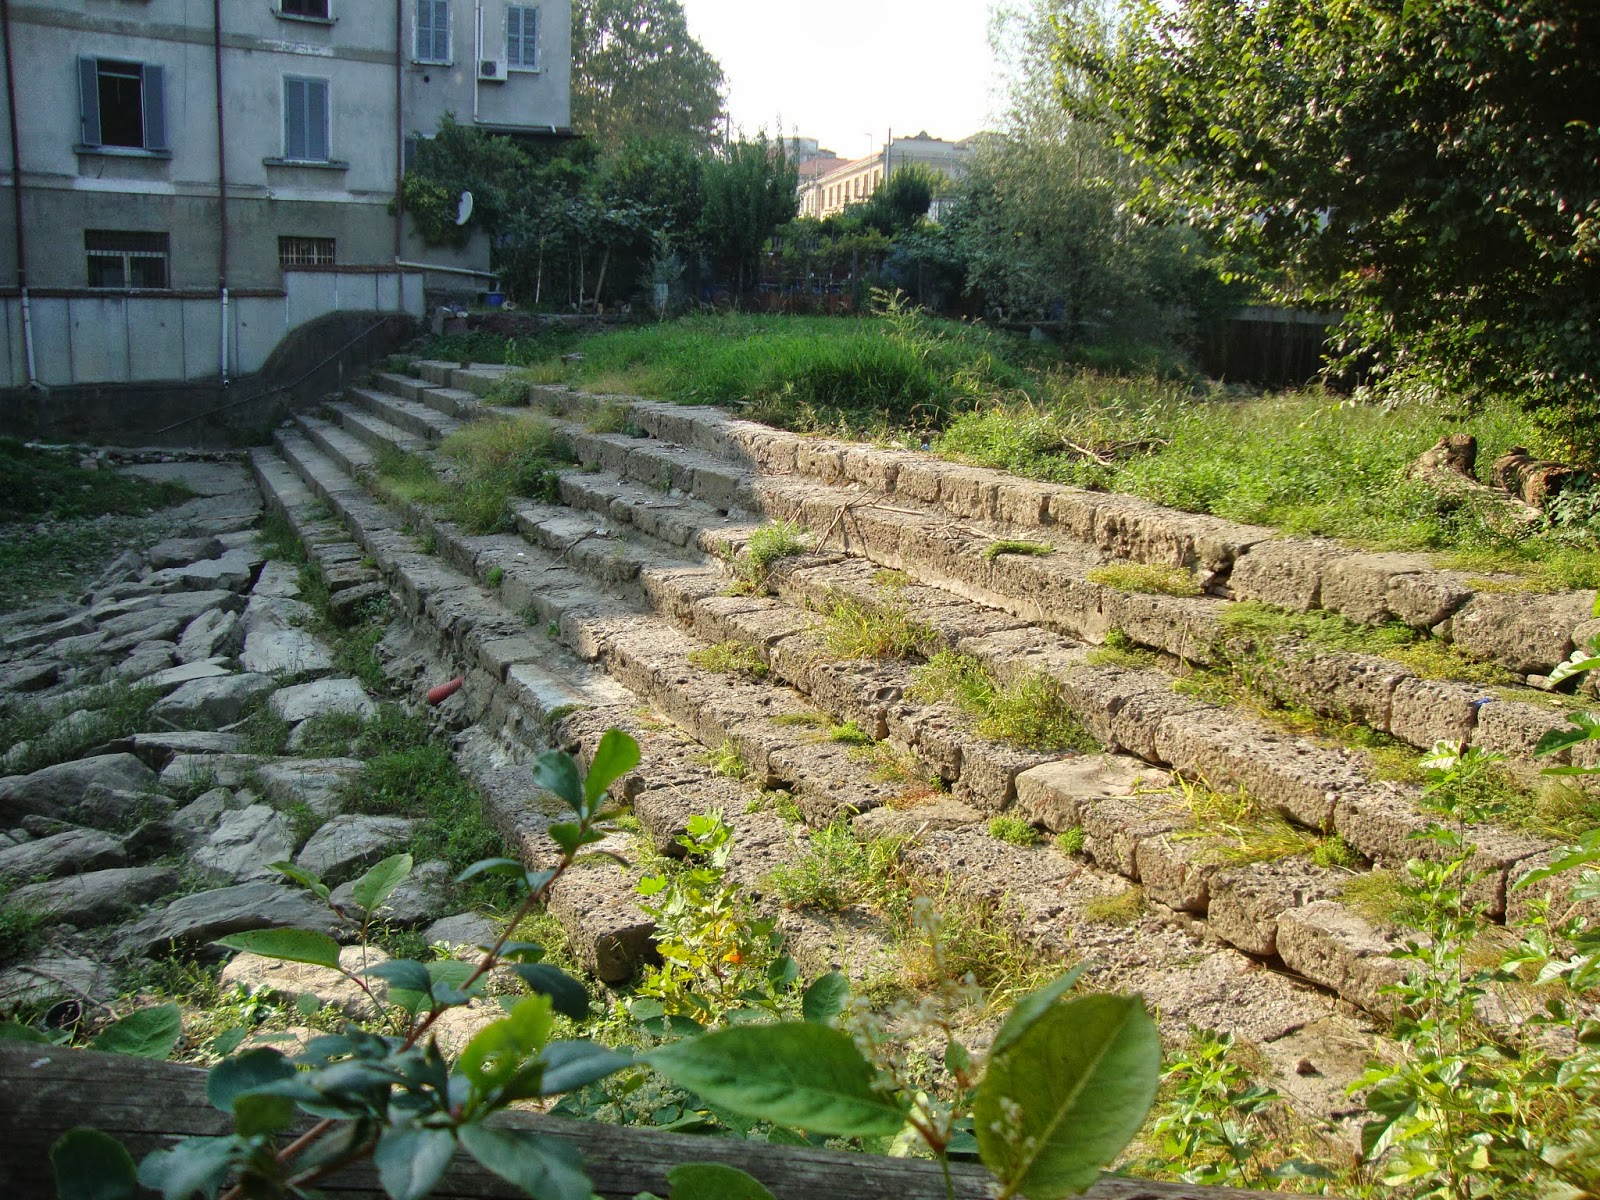 Un piccolo giardino in citt l 39 oasi ambientale di monza - Gradoni giardino ...